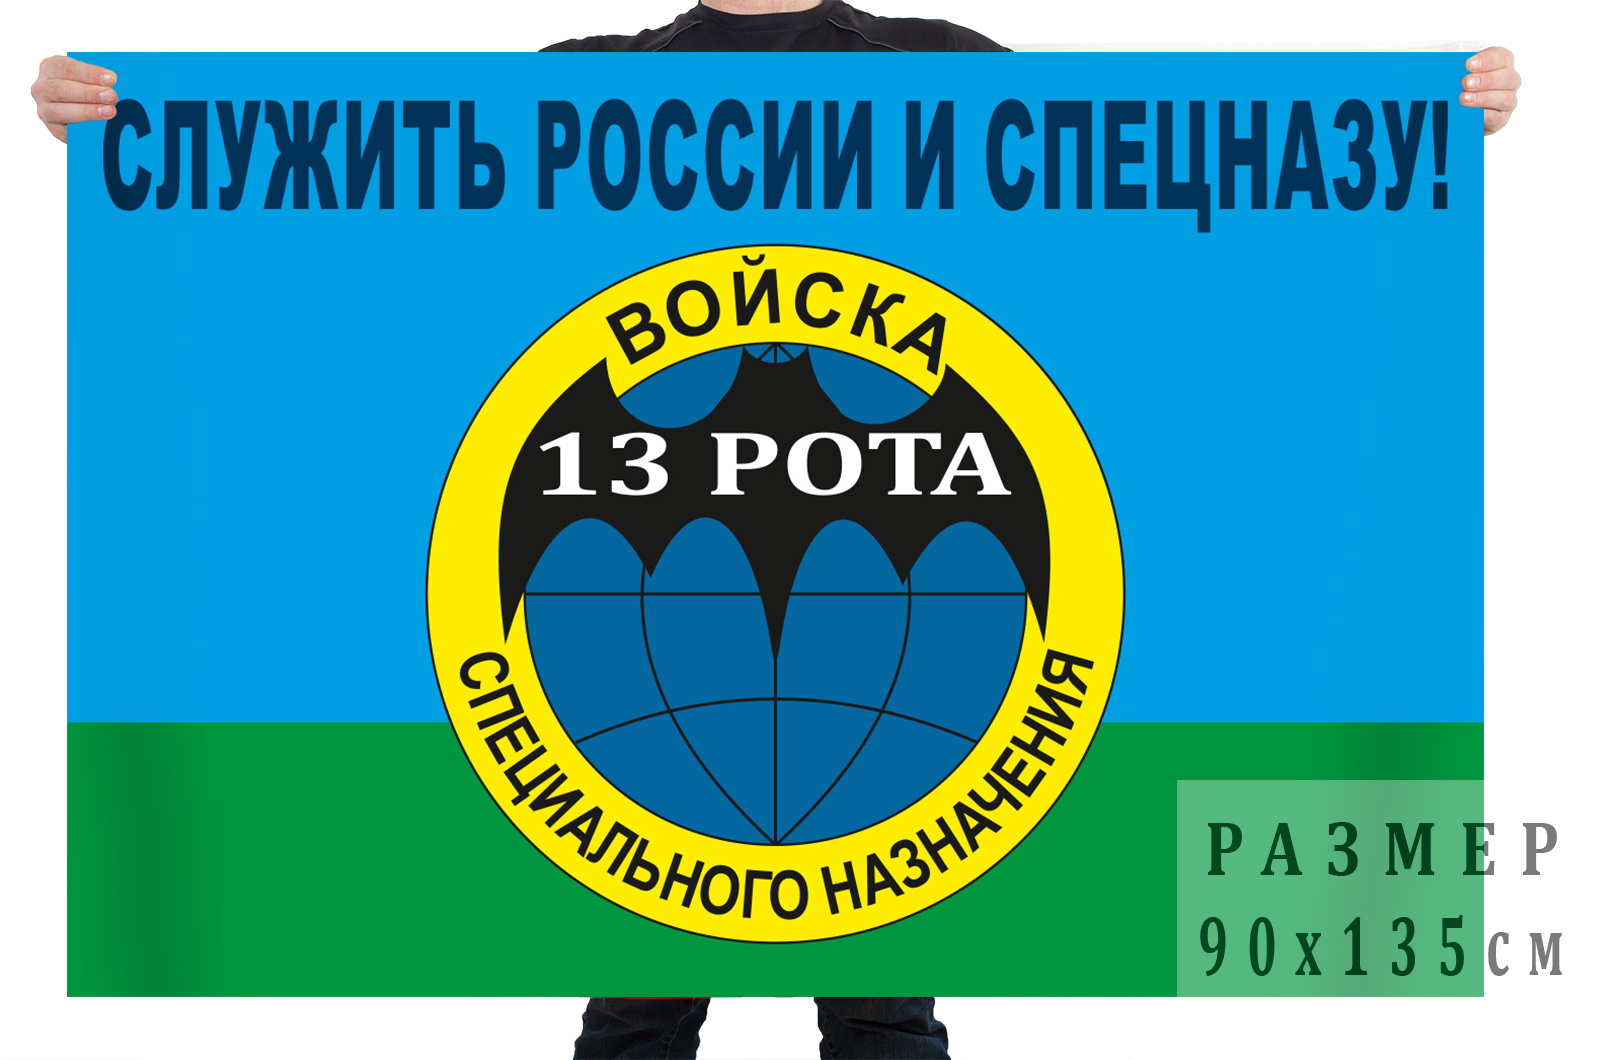 Флаг 13-й роты спн «Служить России и спецназу!»